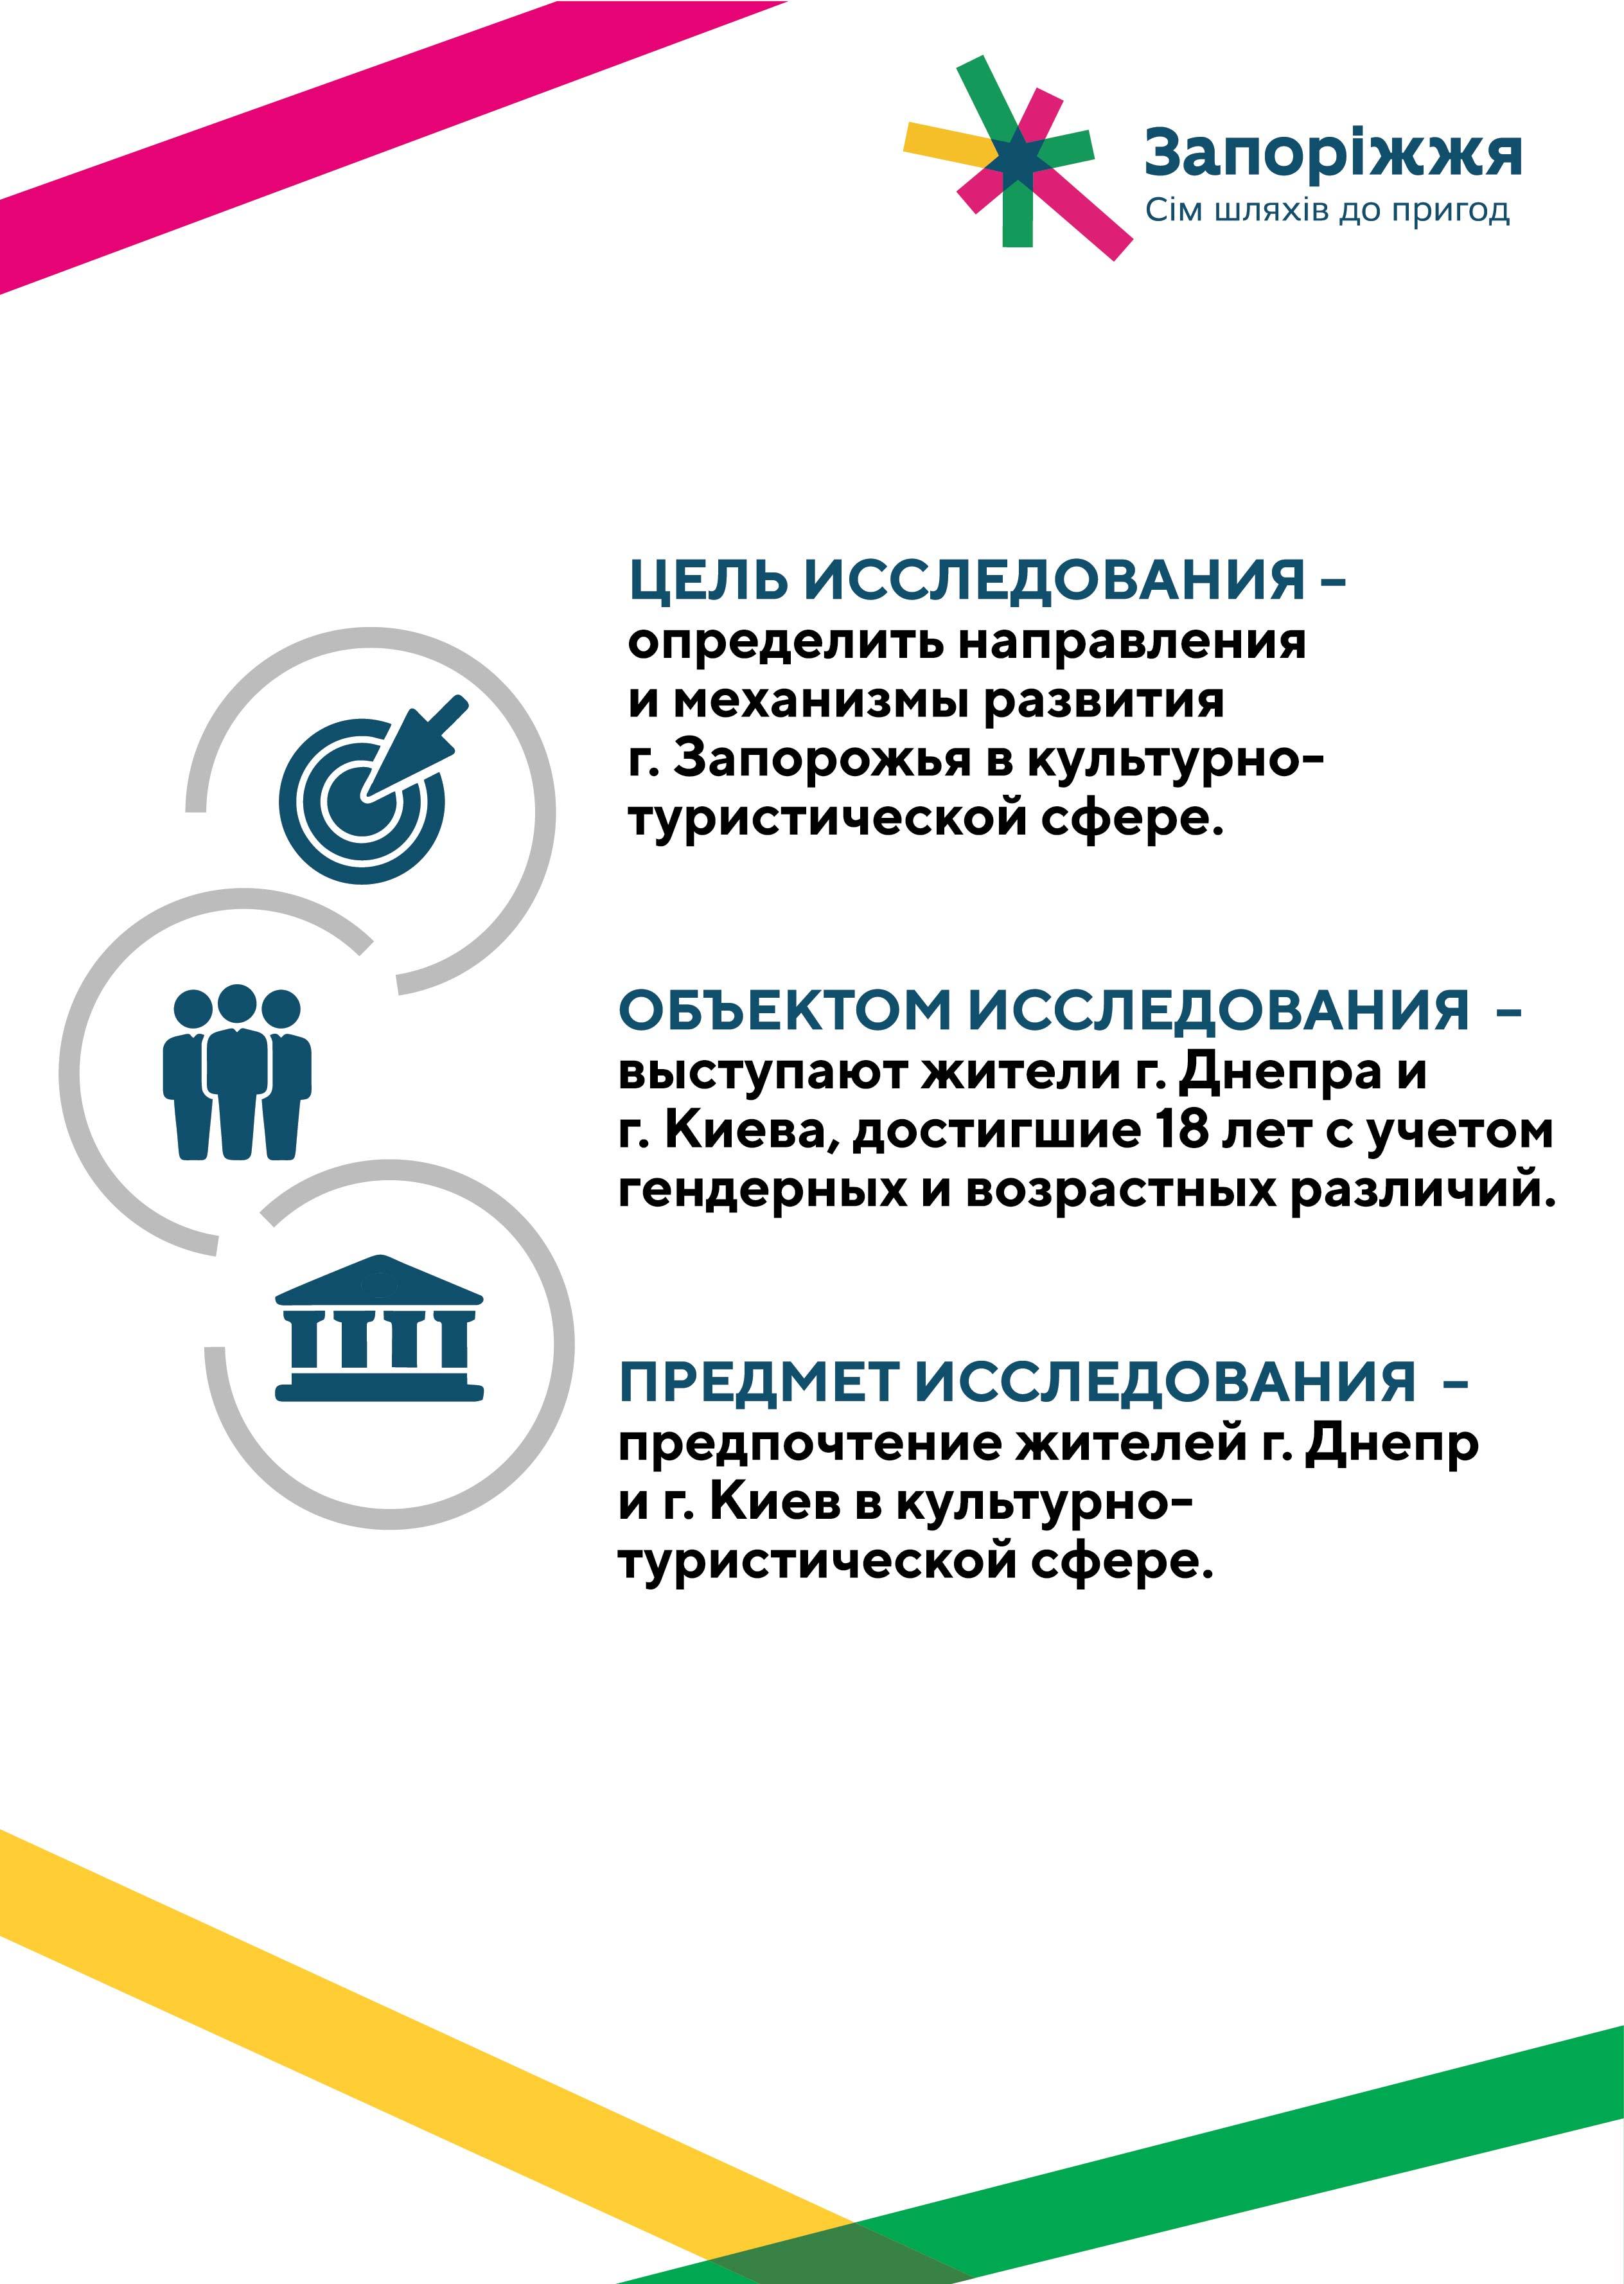 презентация-днепр-киев-02.jpg